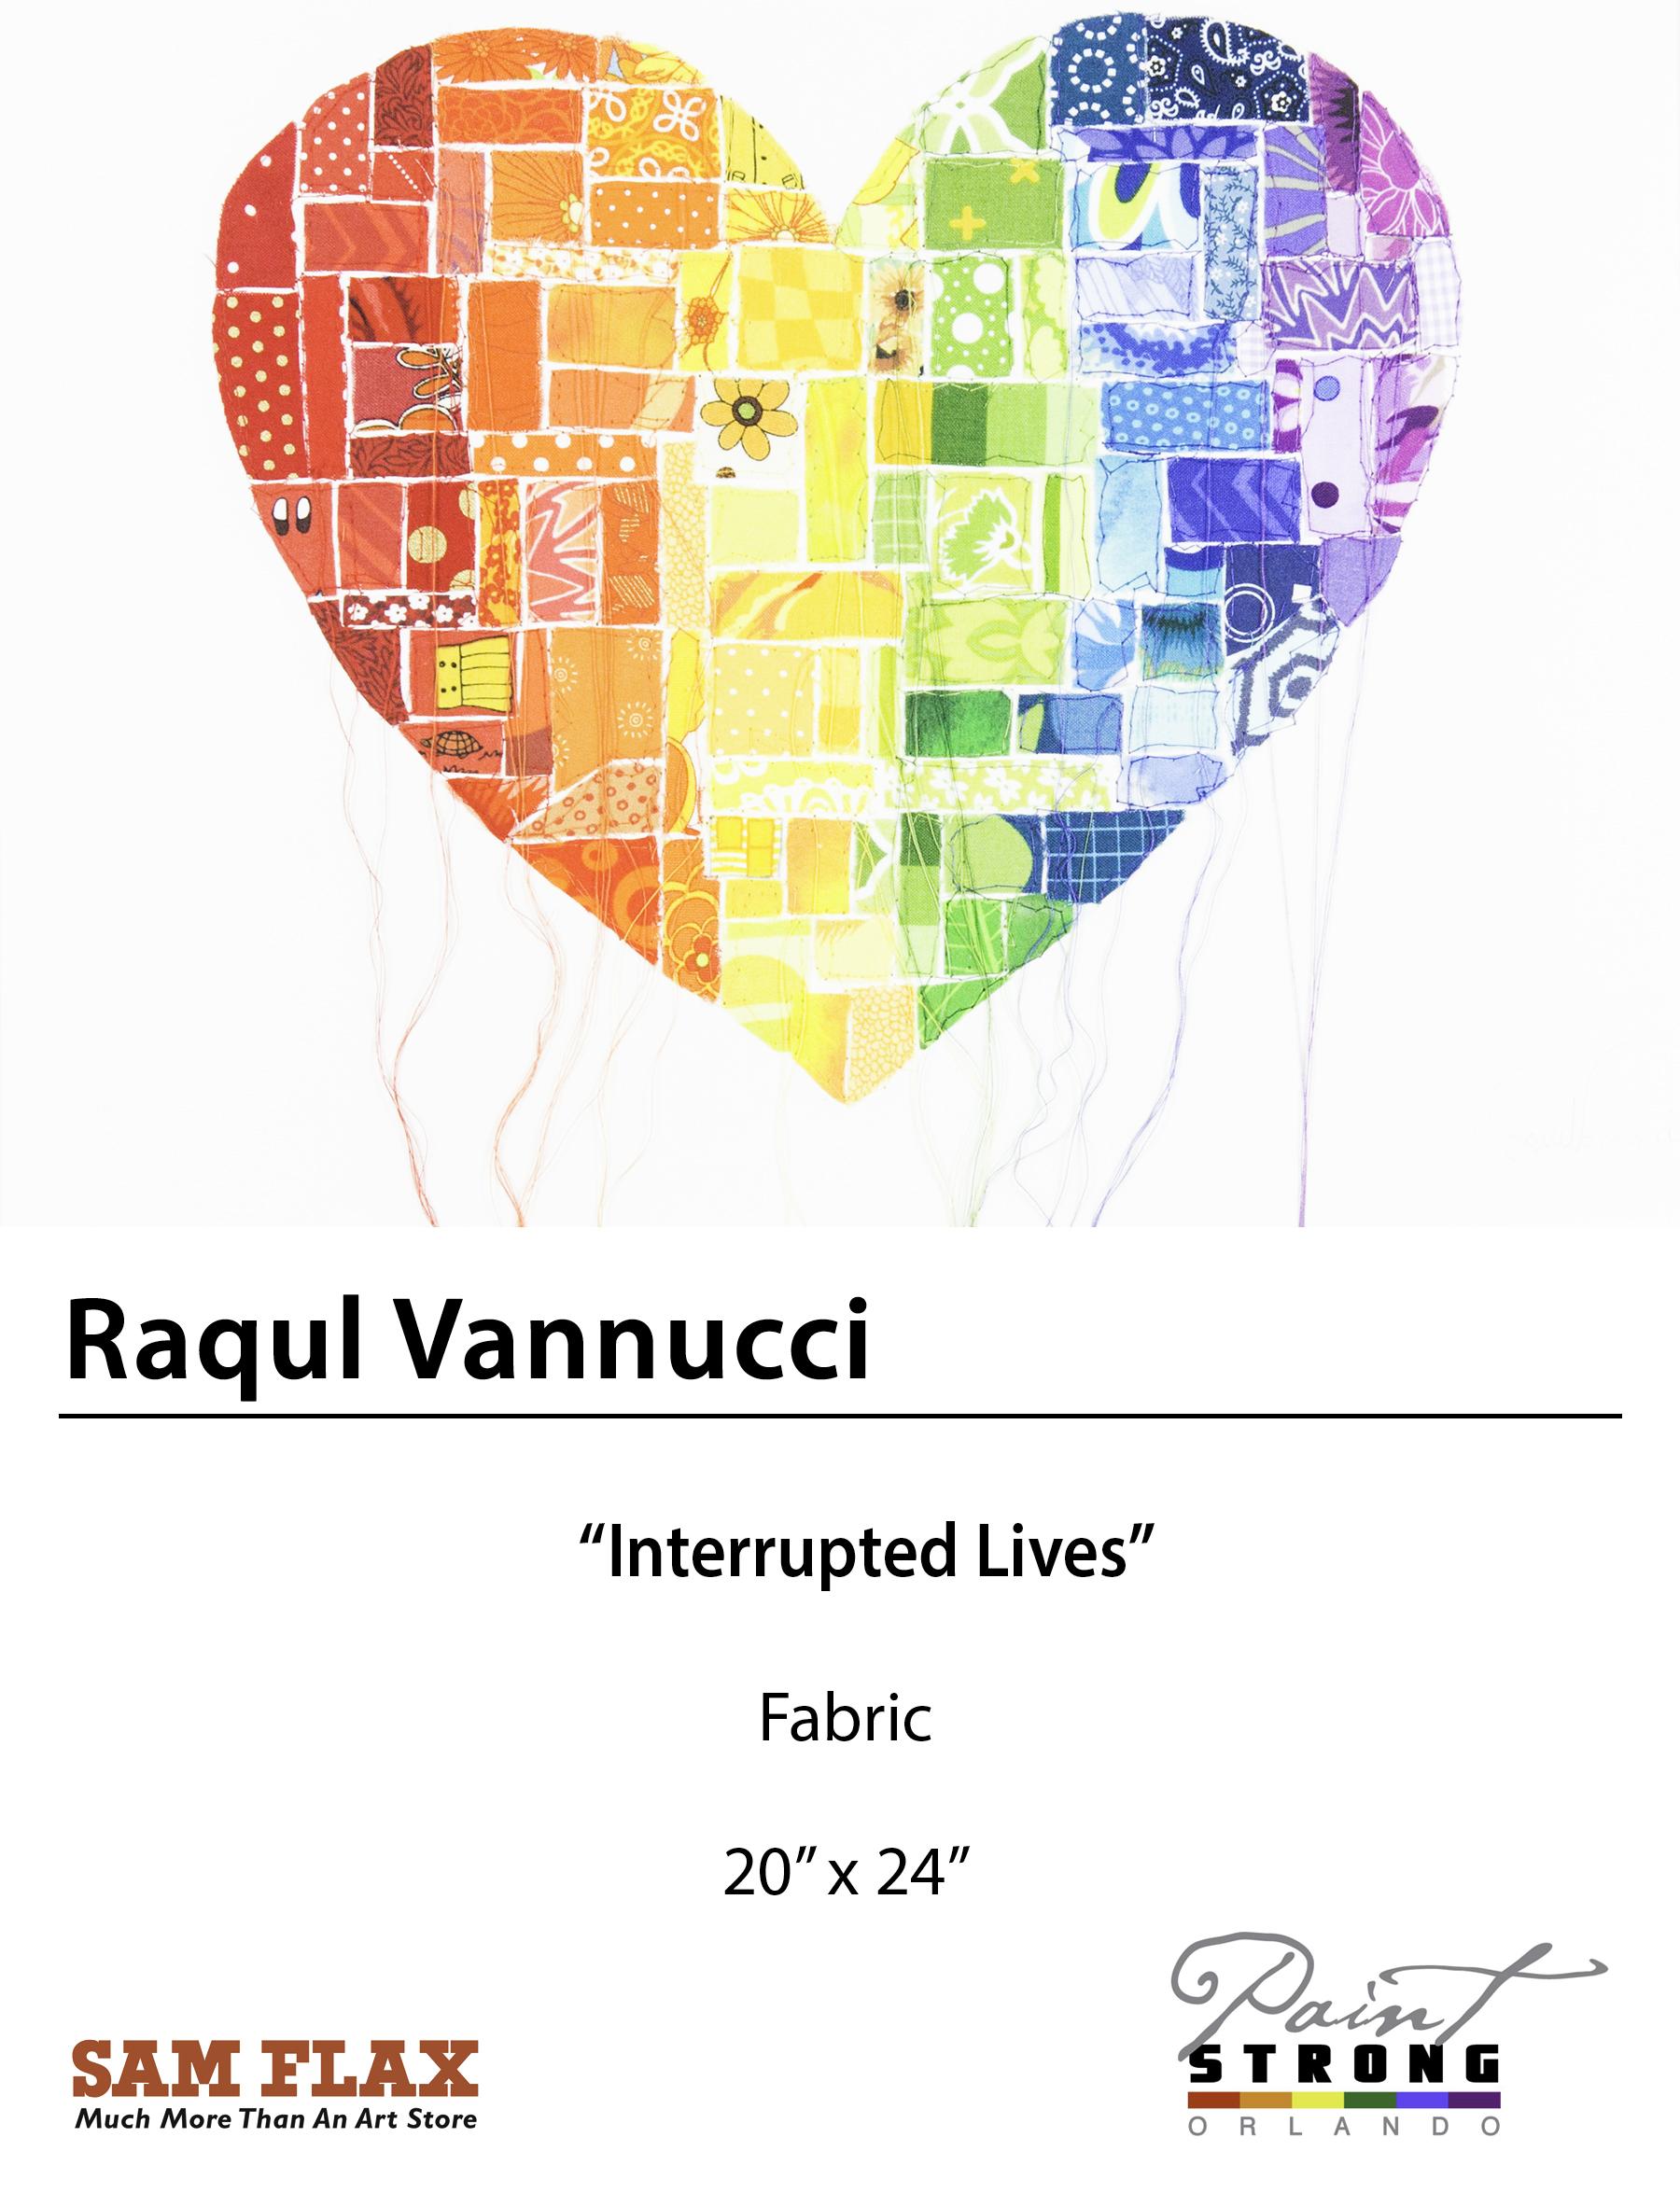 Raqul Vannucci